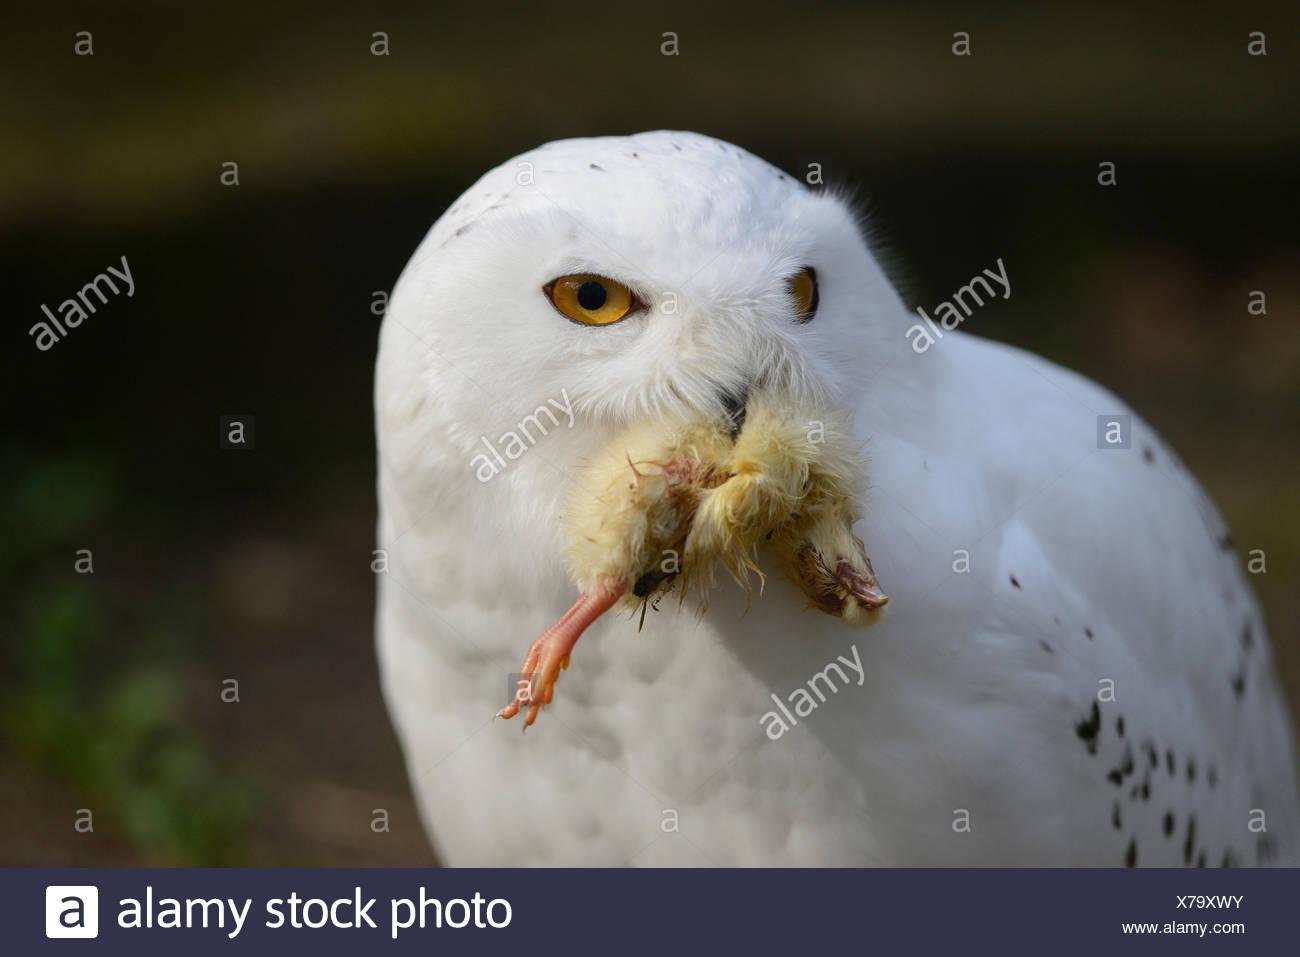 Snowy Owl Catching Prey Stock Photos & Snowy Owl Catching